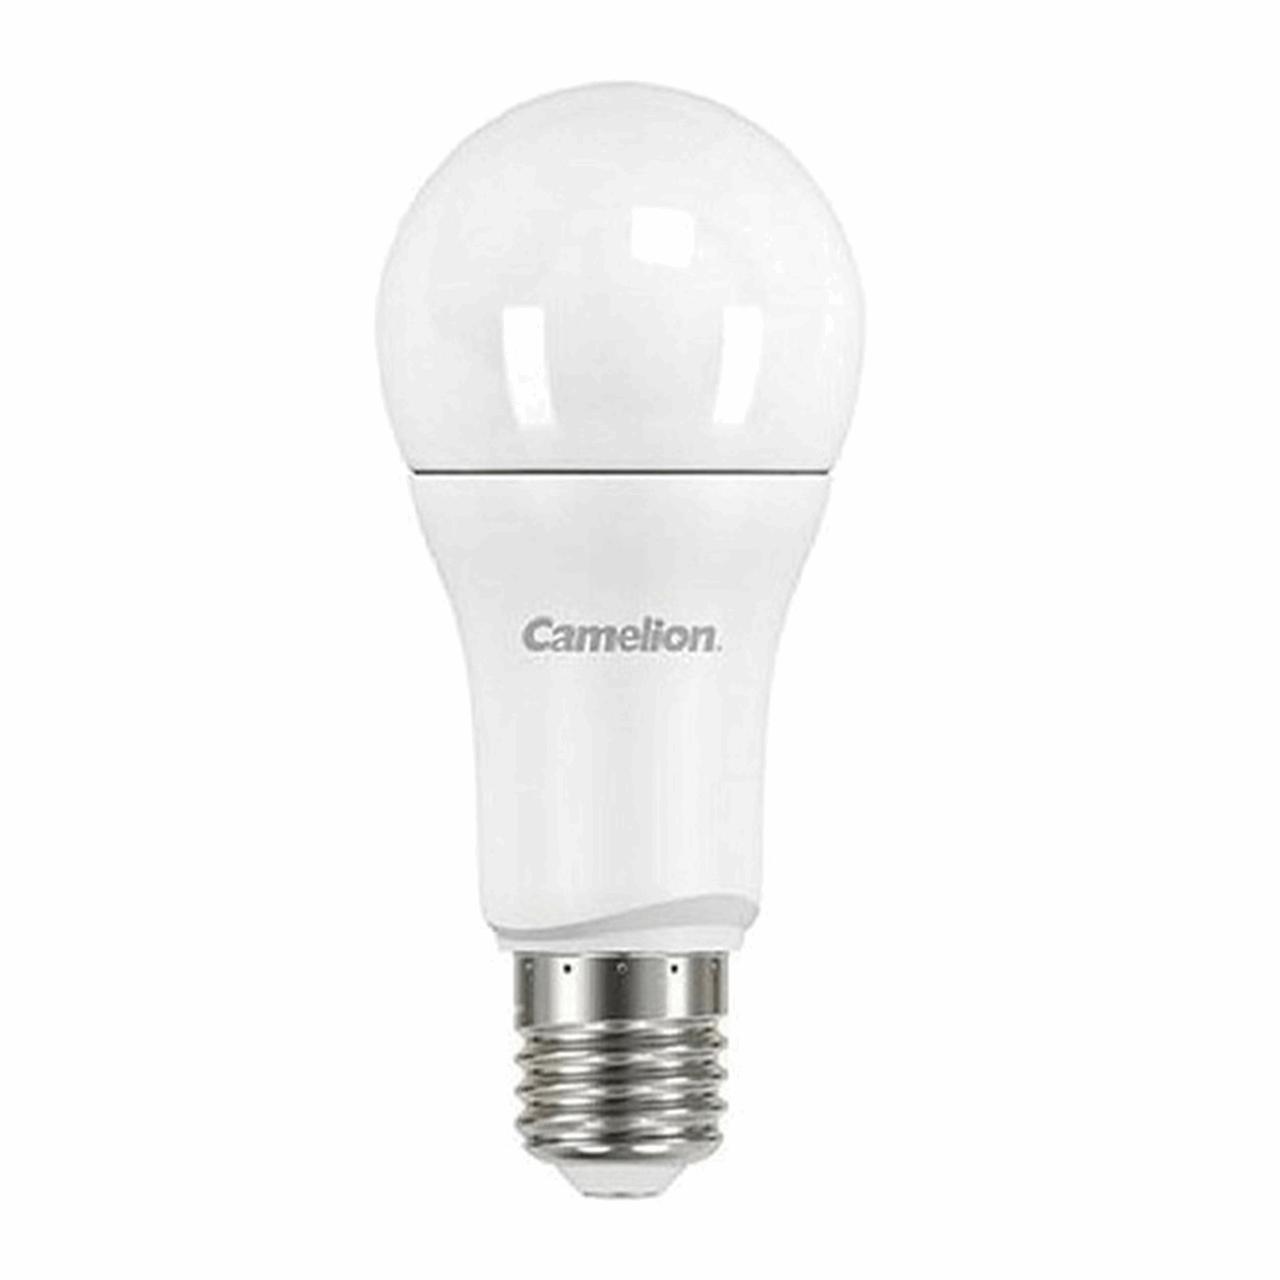 لامپ ال ای دی 20 وات کملیون مدل ADV پایه E27